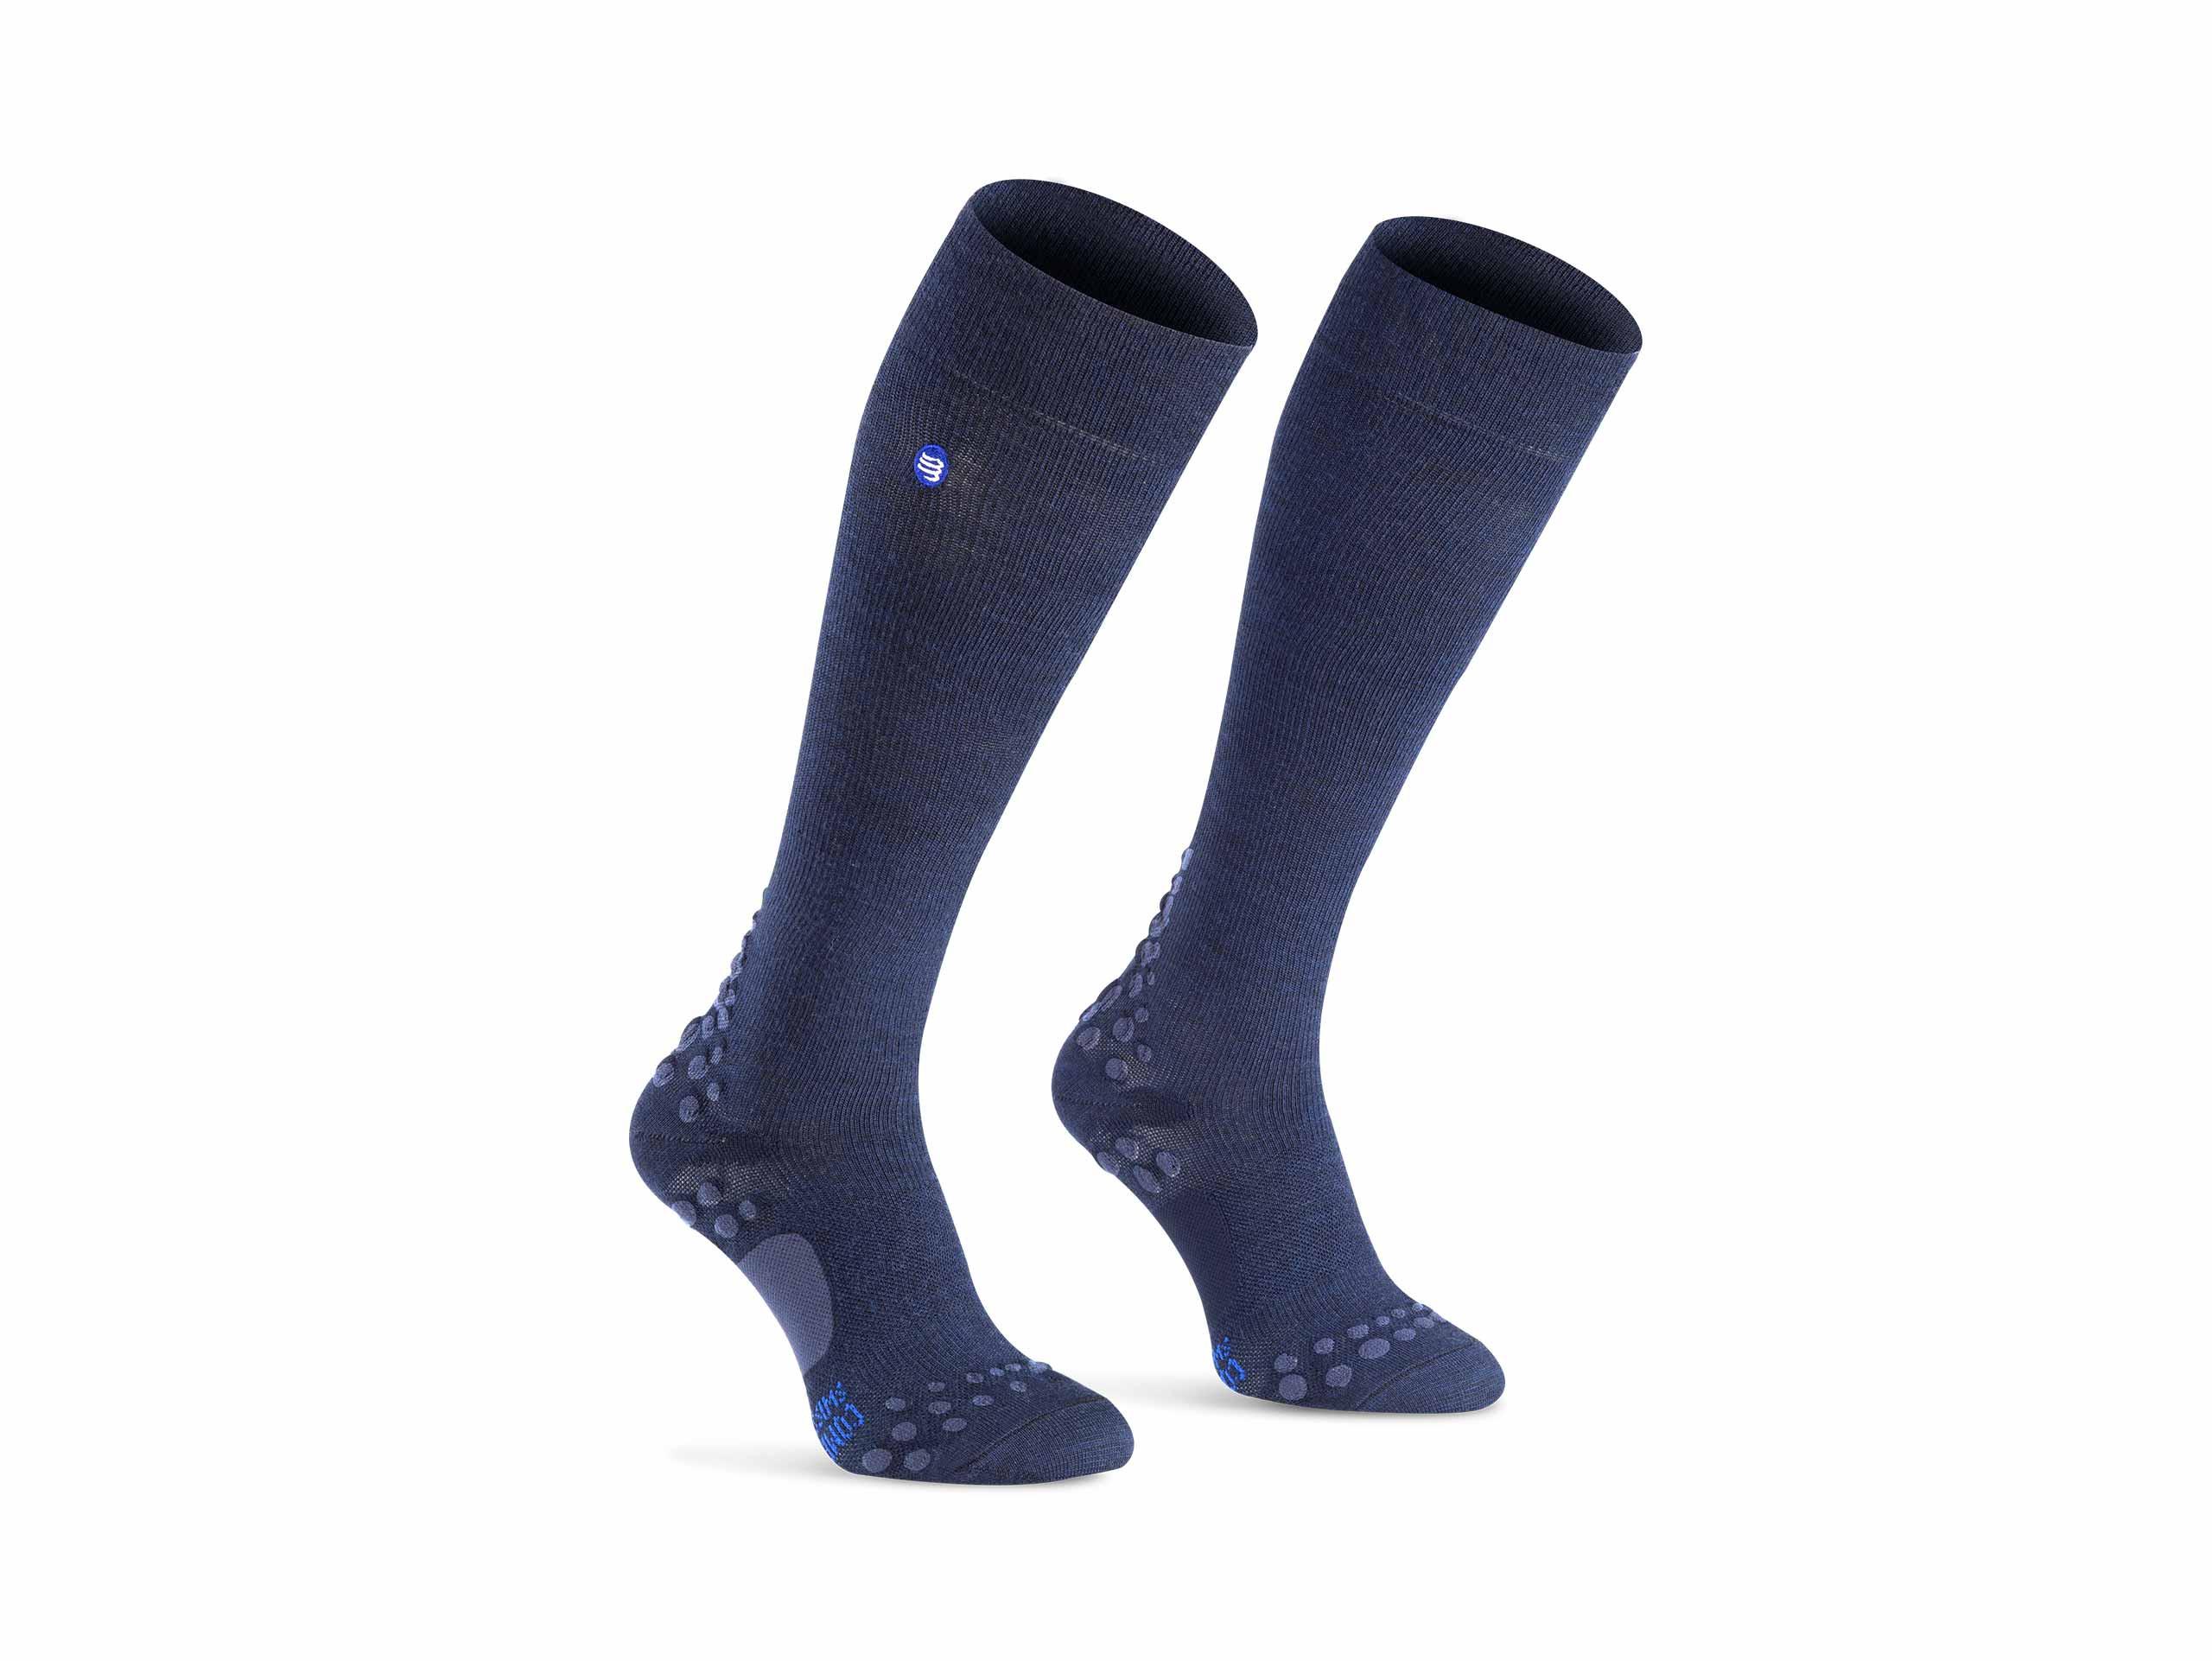 Calcetines de cuidado azul marino